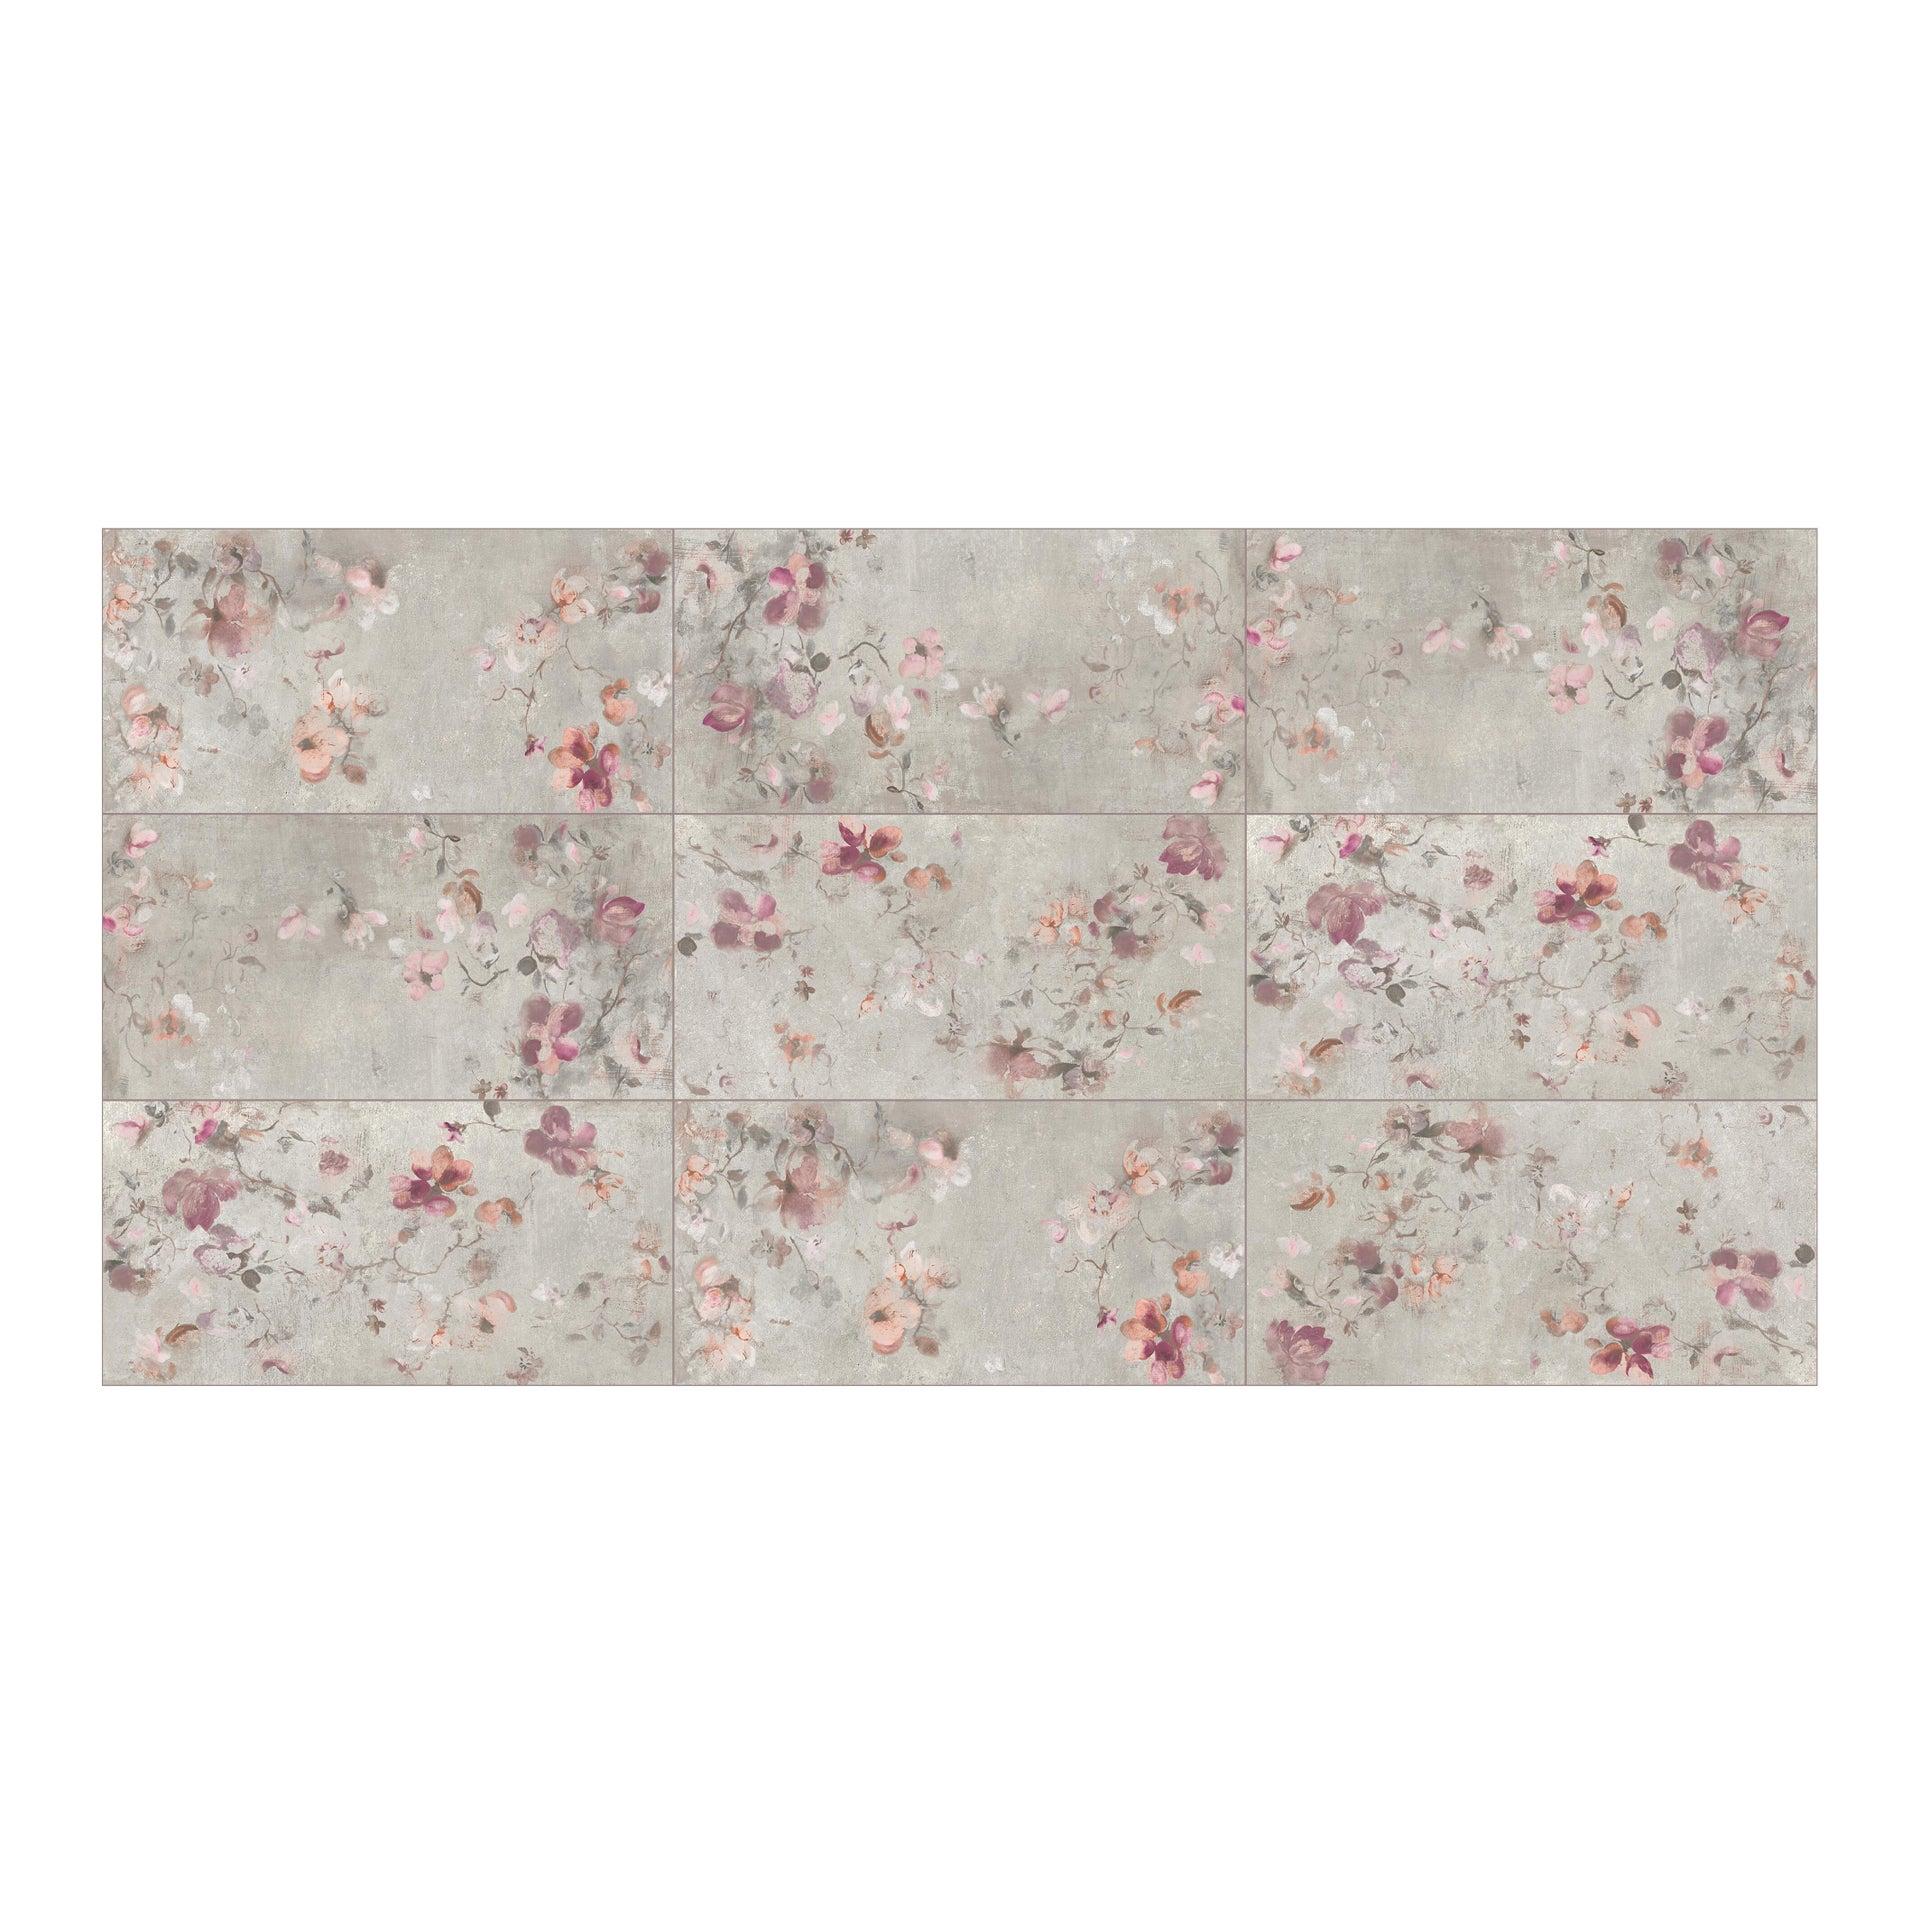 Piastrella City Grey Decoro Flower 60 x 120 cm sp. 9.5 mm PEI 4/5 grigio - 10